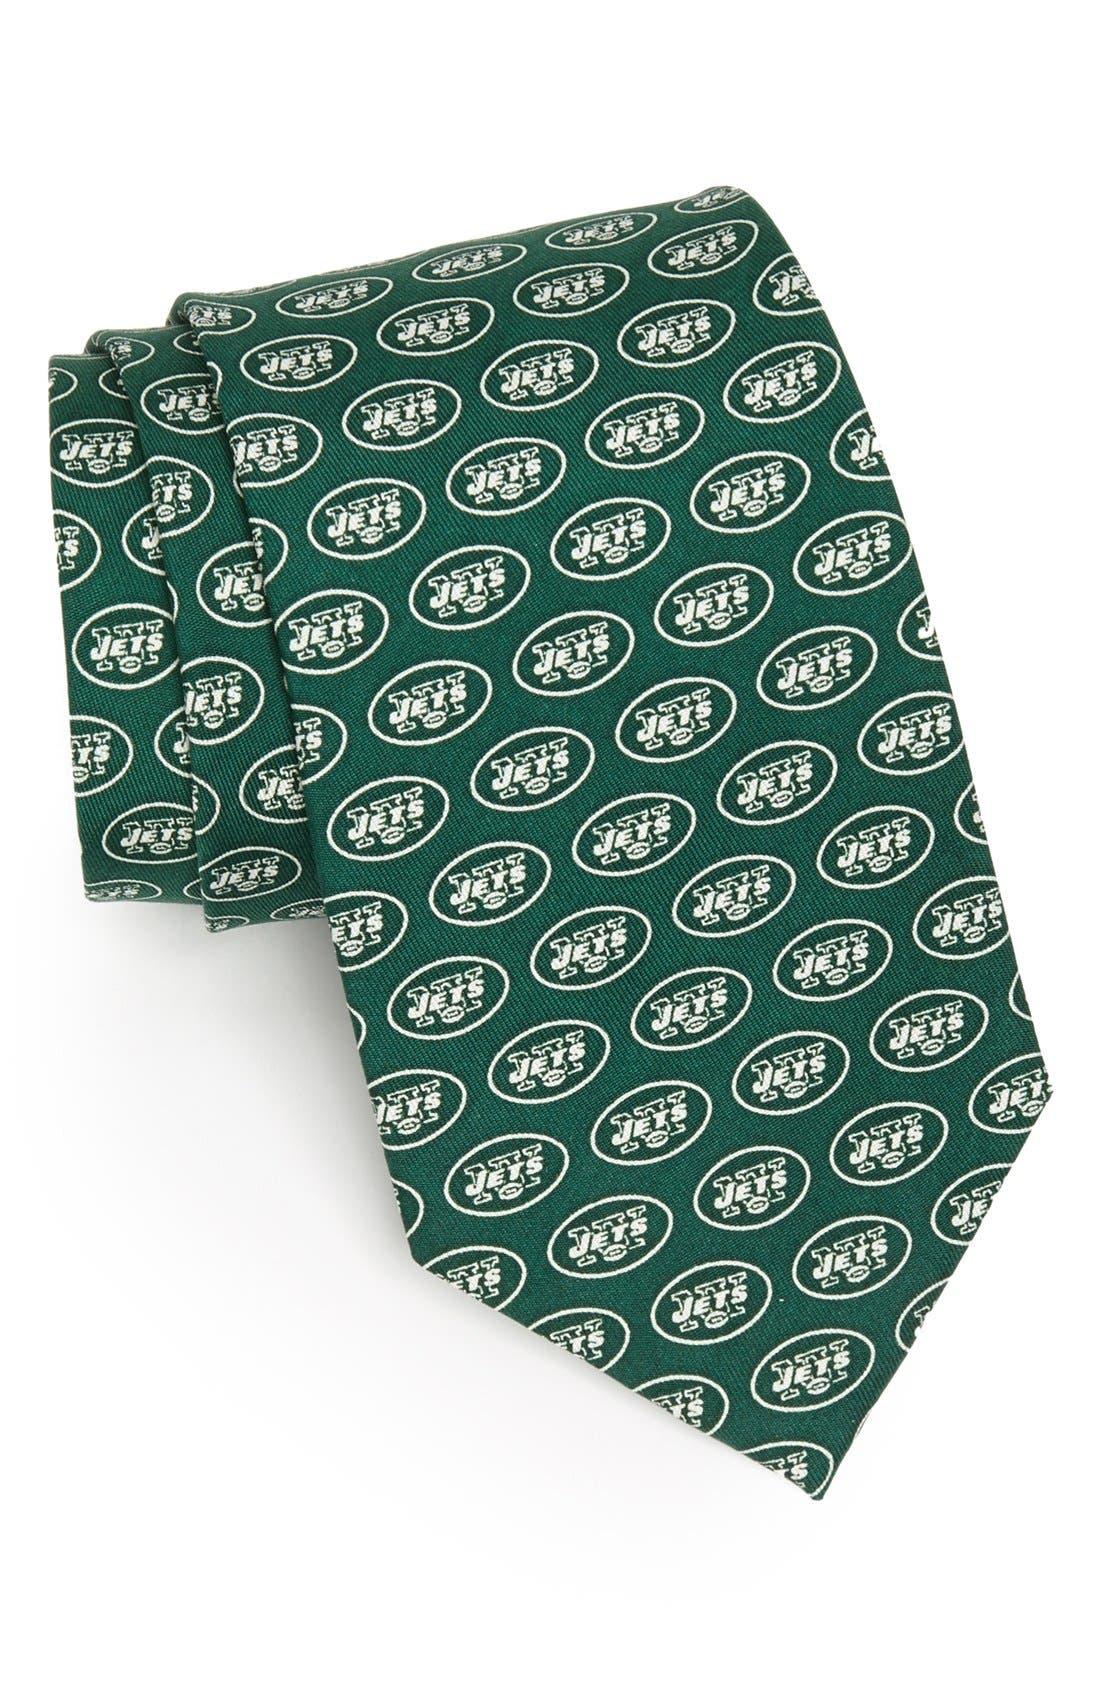 Vineyard Vines New York Jets Print Tie